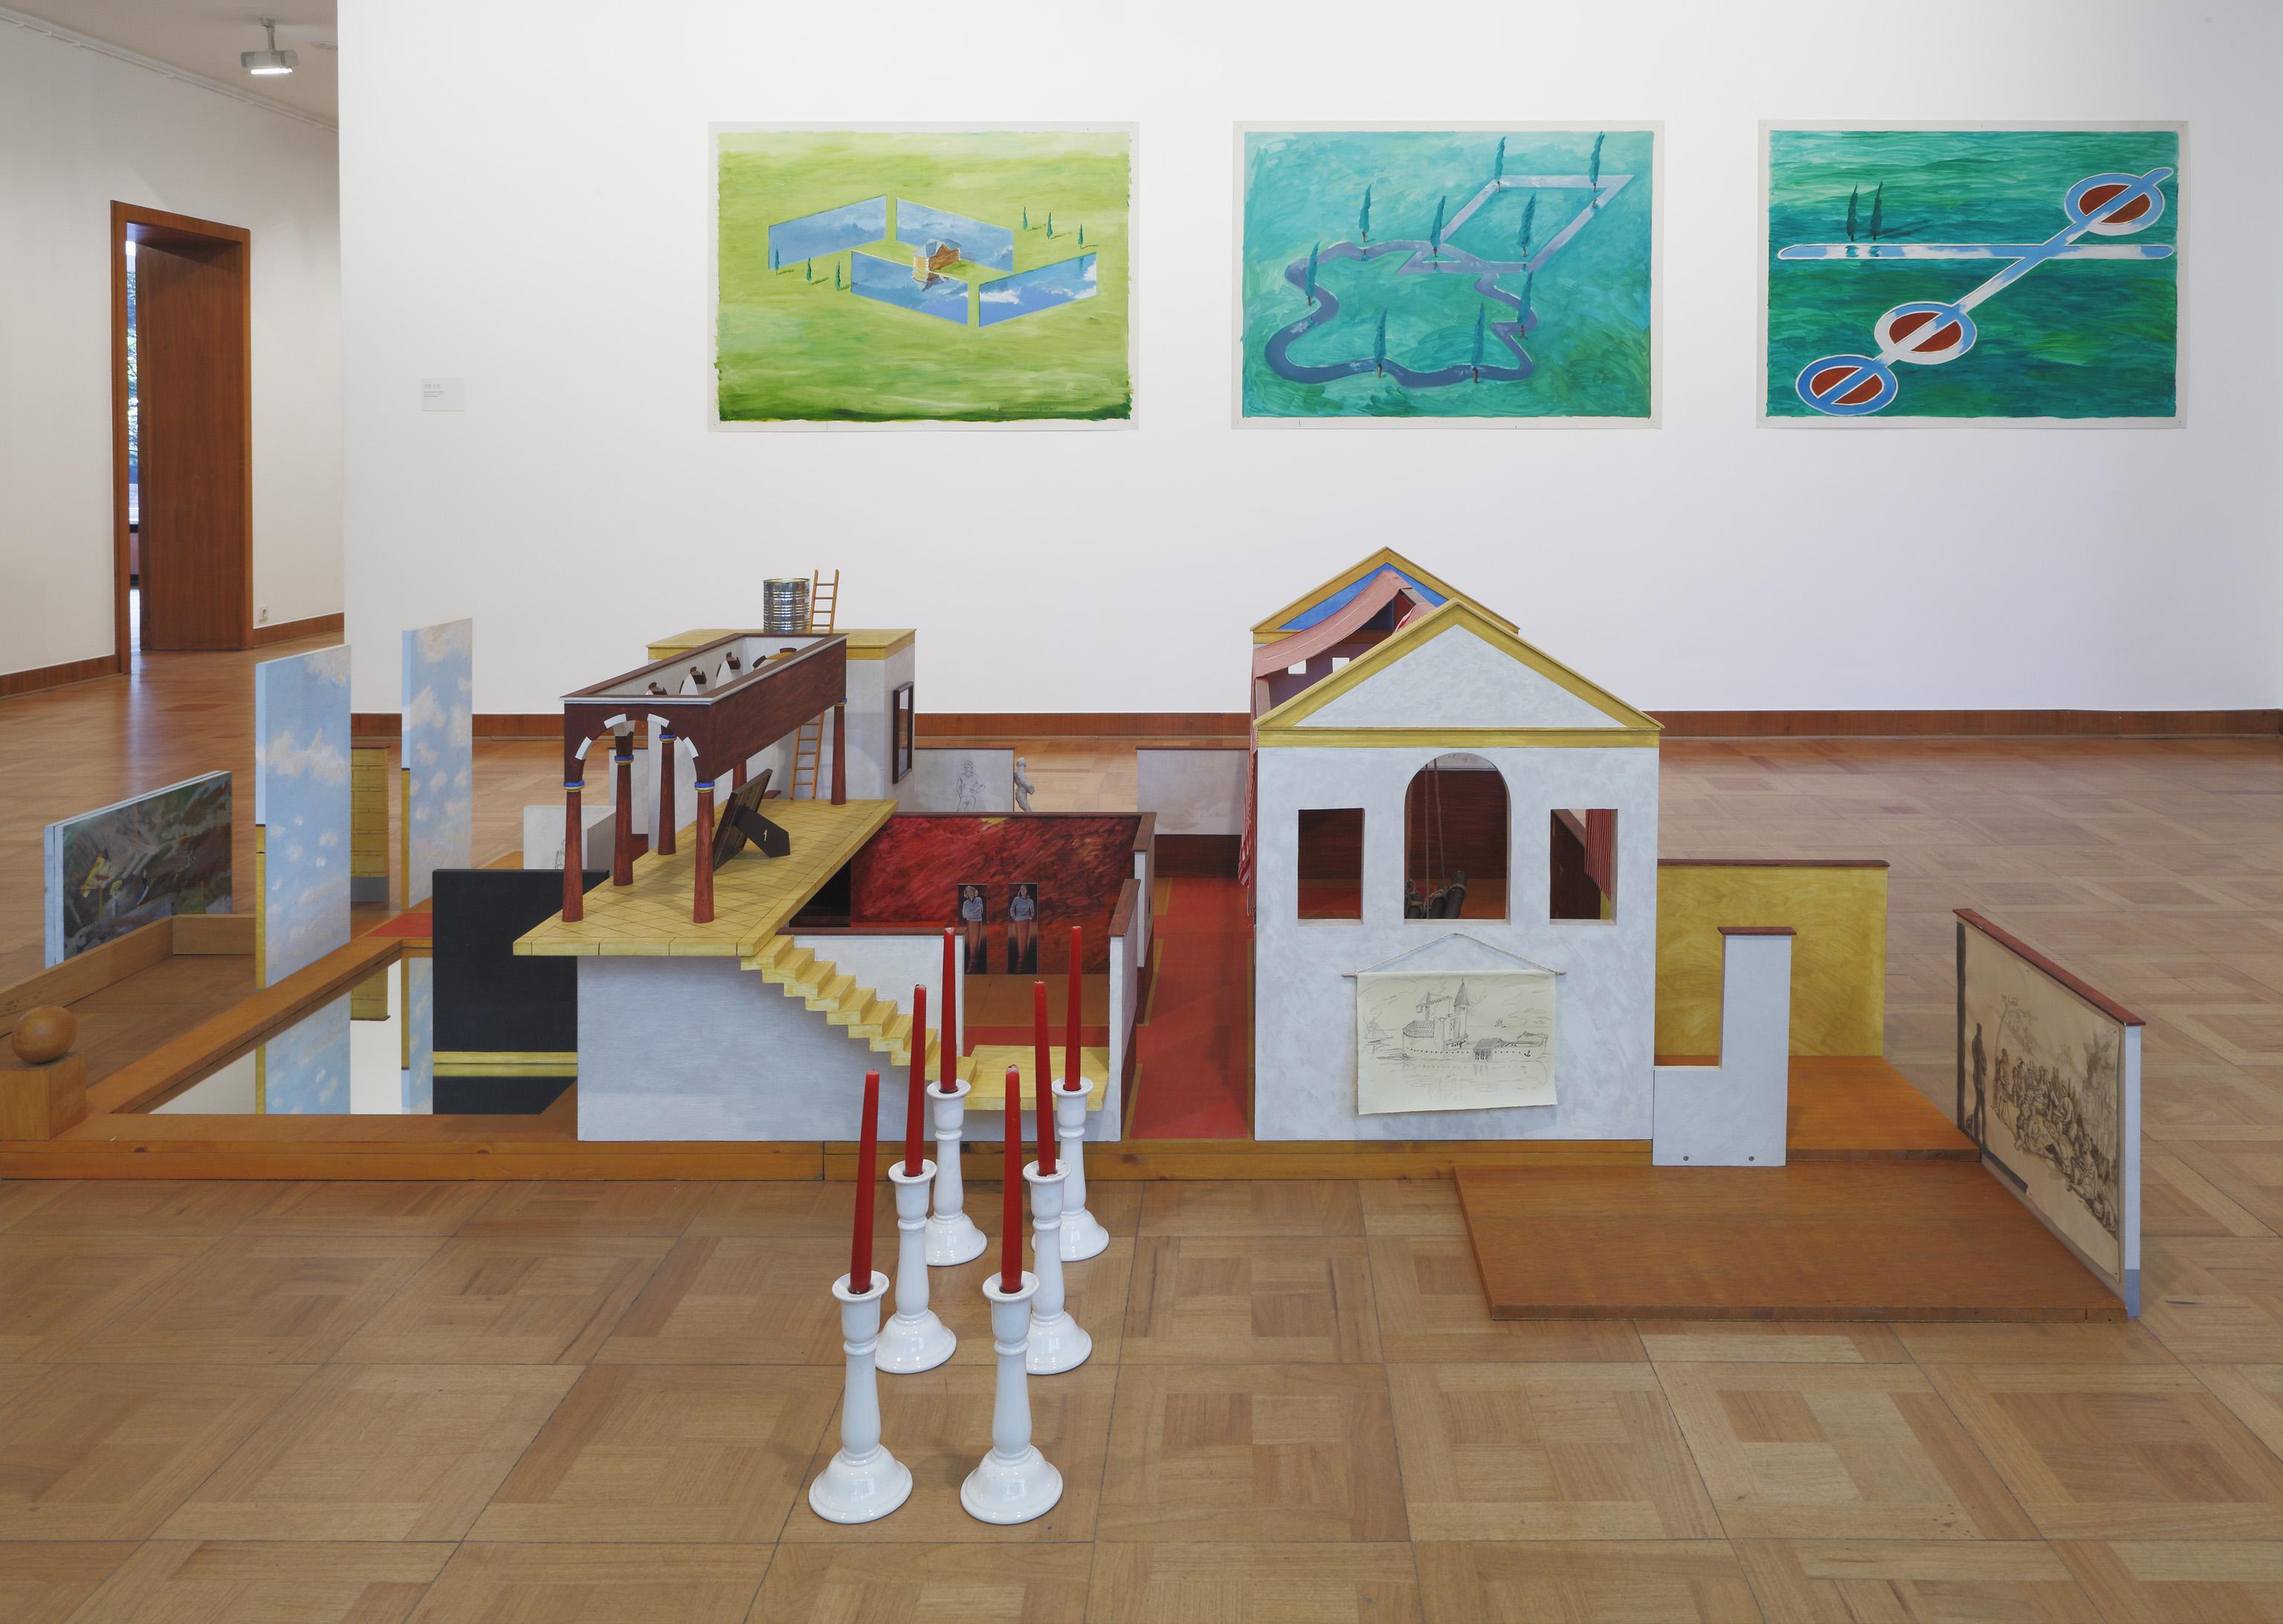 Ludger Gerdes. Installationsansicht, Von Angst bis Wollen. Ludger Gerdes, Museum Haus Lange, Krefeld 2016. Stiftung Kunstfonds. © VG Bild-Kunst, Bonn 2016. Foto: Volker Döhne